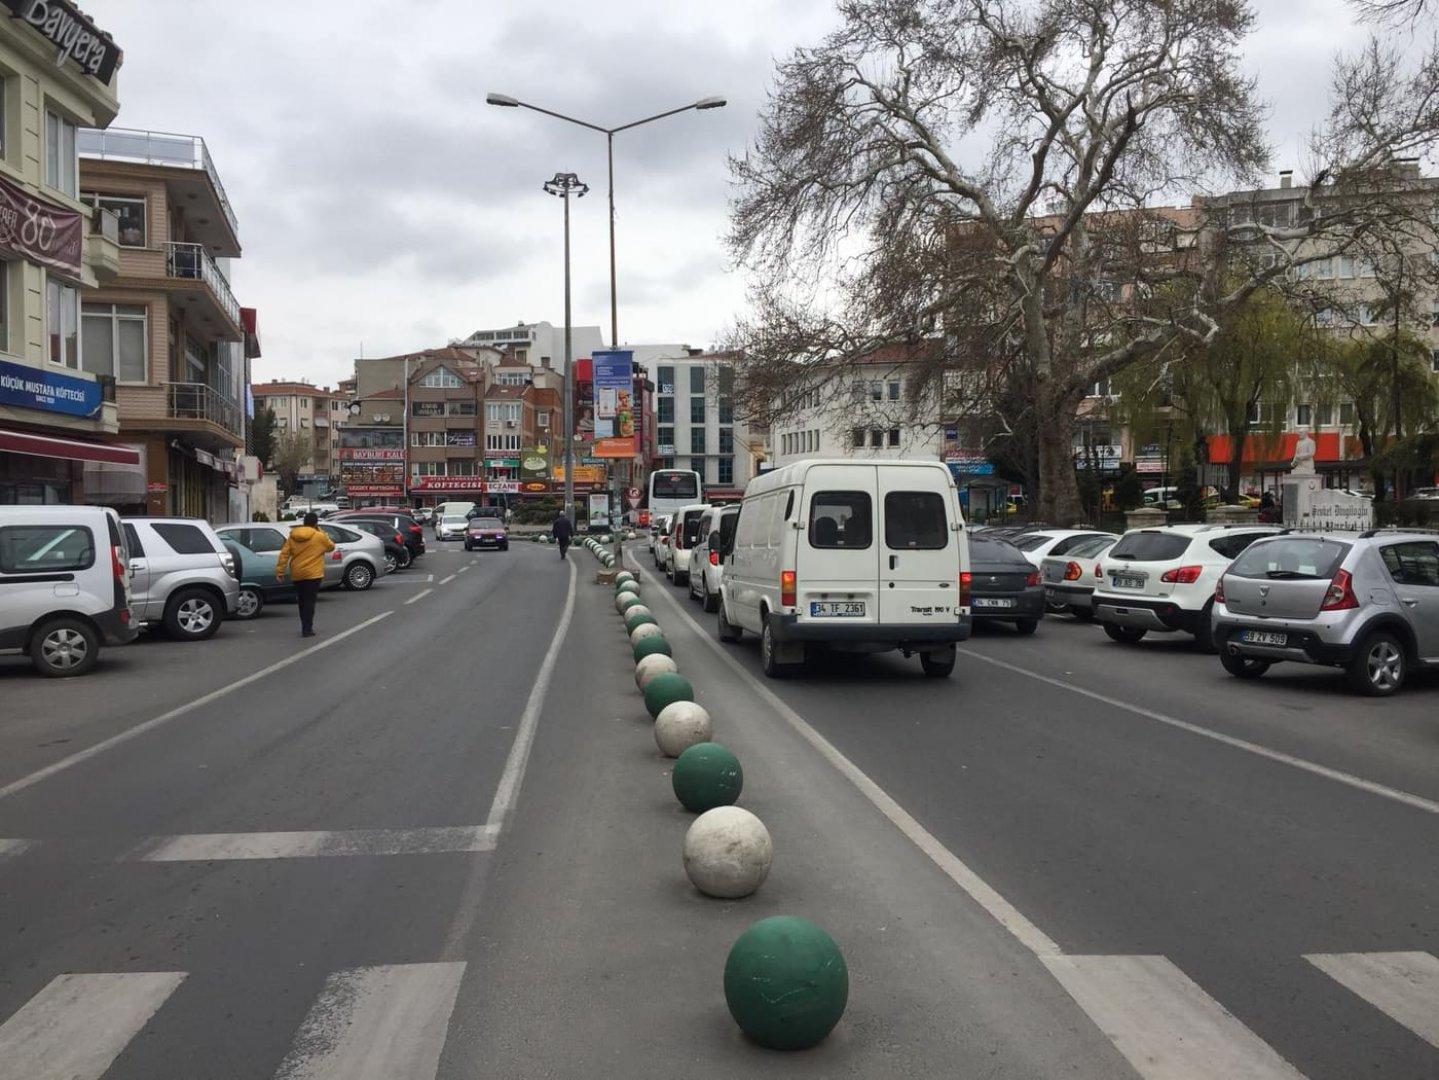 Улиците на Къркларели в сряда са необичайно тихи. Снимки Ерхан Байджан